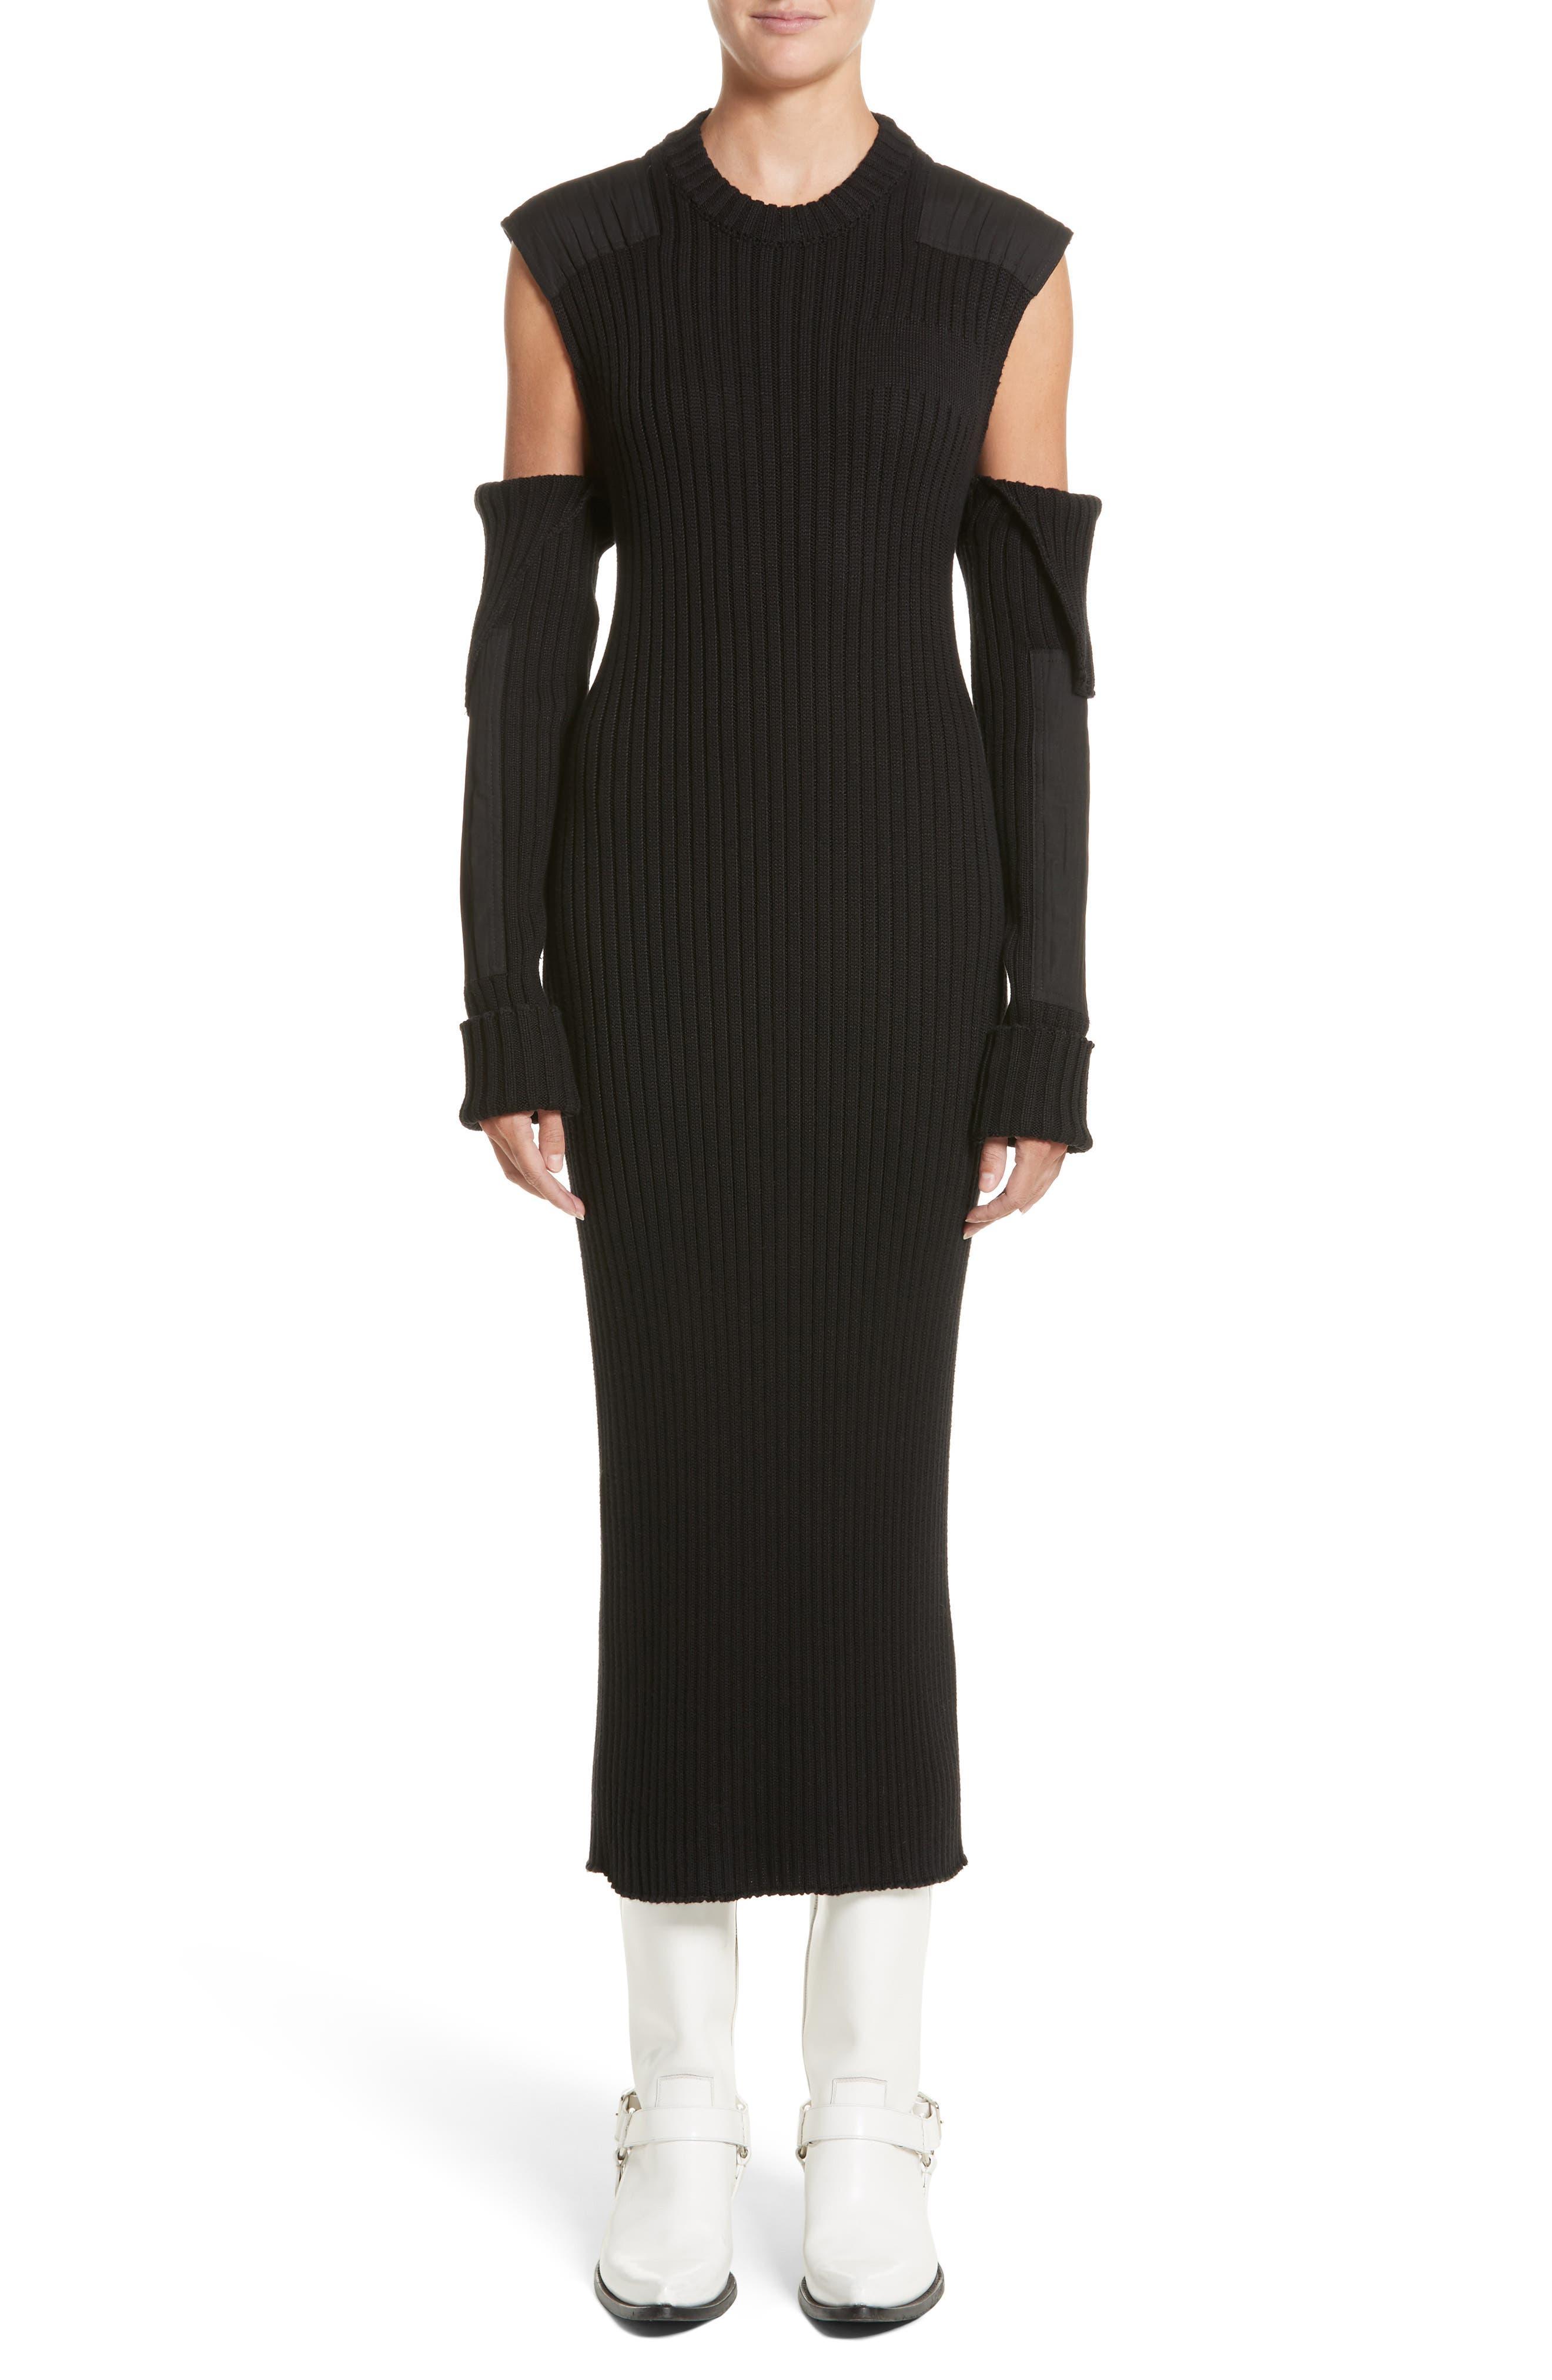 Rib Knit Cold Shoulder Dress,                             Main thumbnail 1, color,                             Black